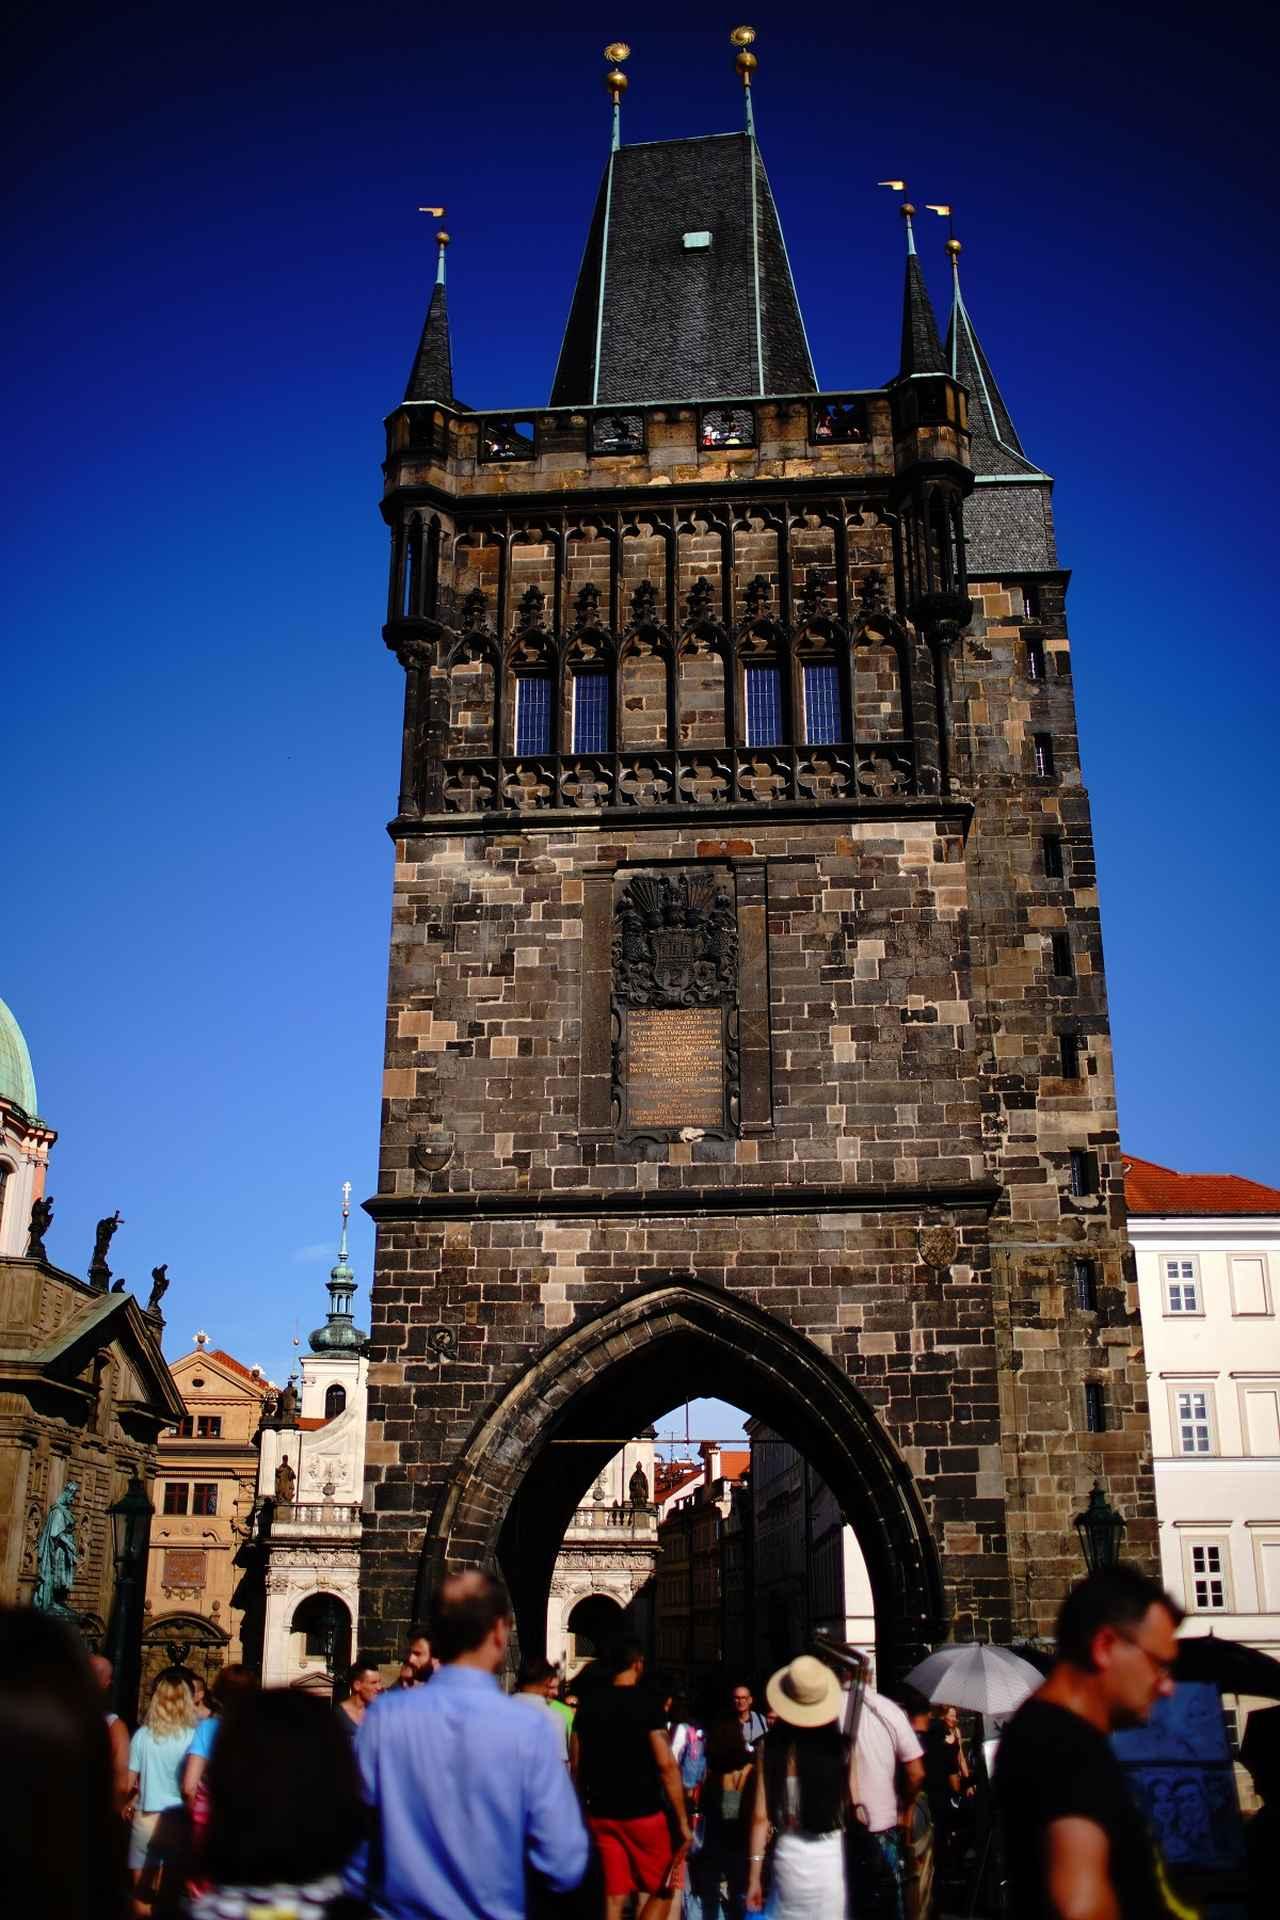 画像: ヴルダヴァ川にかかるプラハ最古の石橋「カレル橋」はいつも観光客でにぎわっている